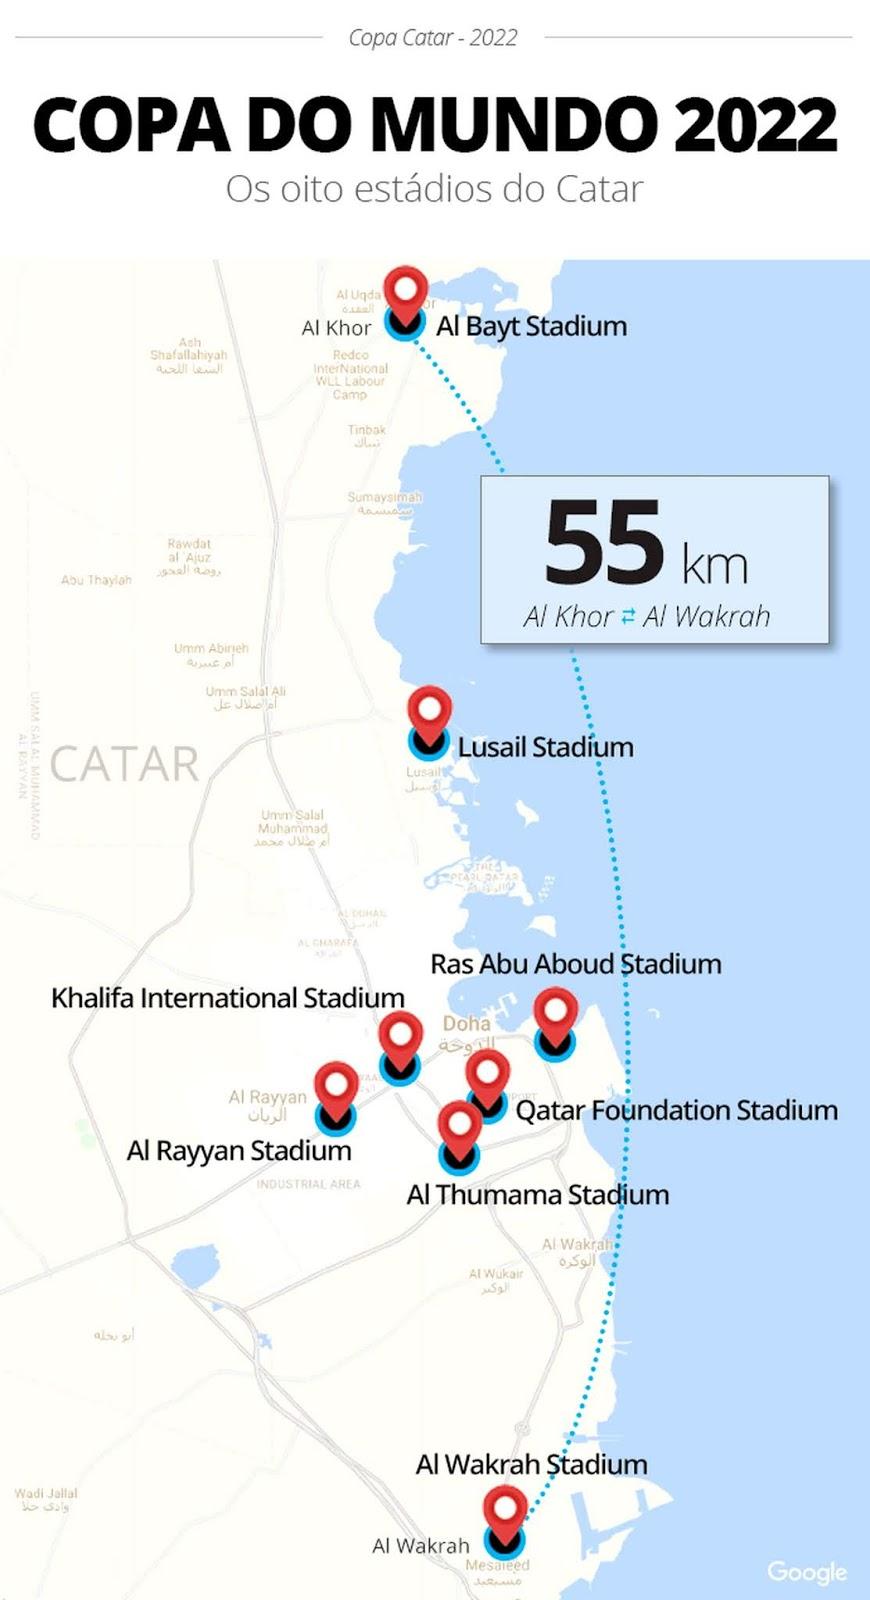 Catar 2022 | Estádios da Copa do Mundo Fifa 2022